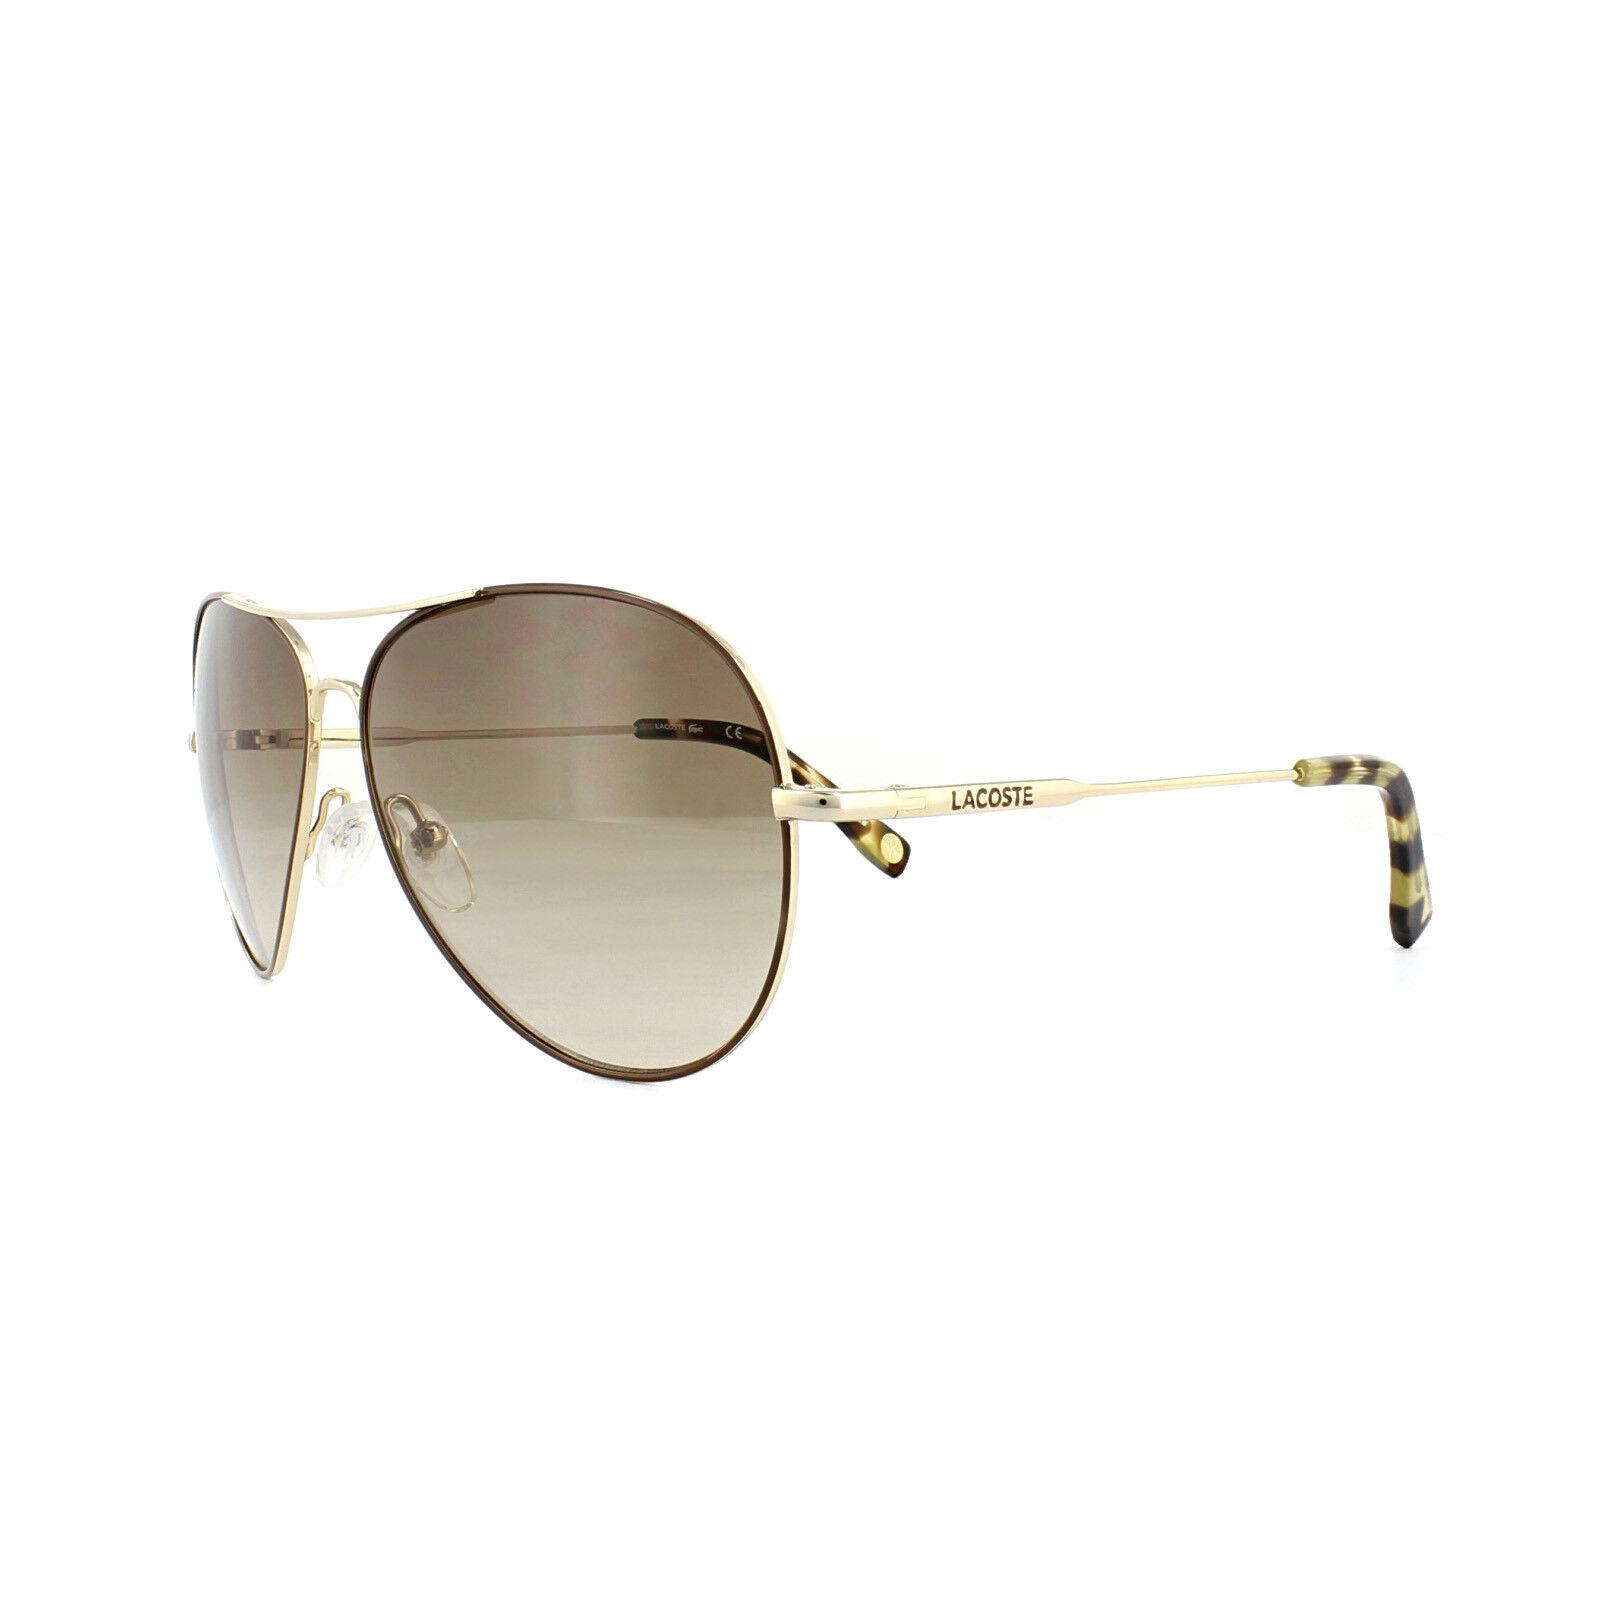 a2943a42d66 Lacoste Sunglasses L174s 714 Gold Brown Gradient